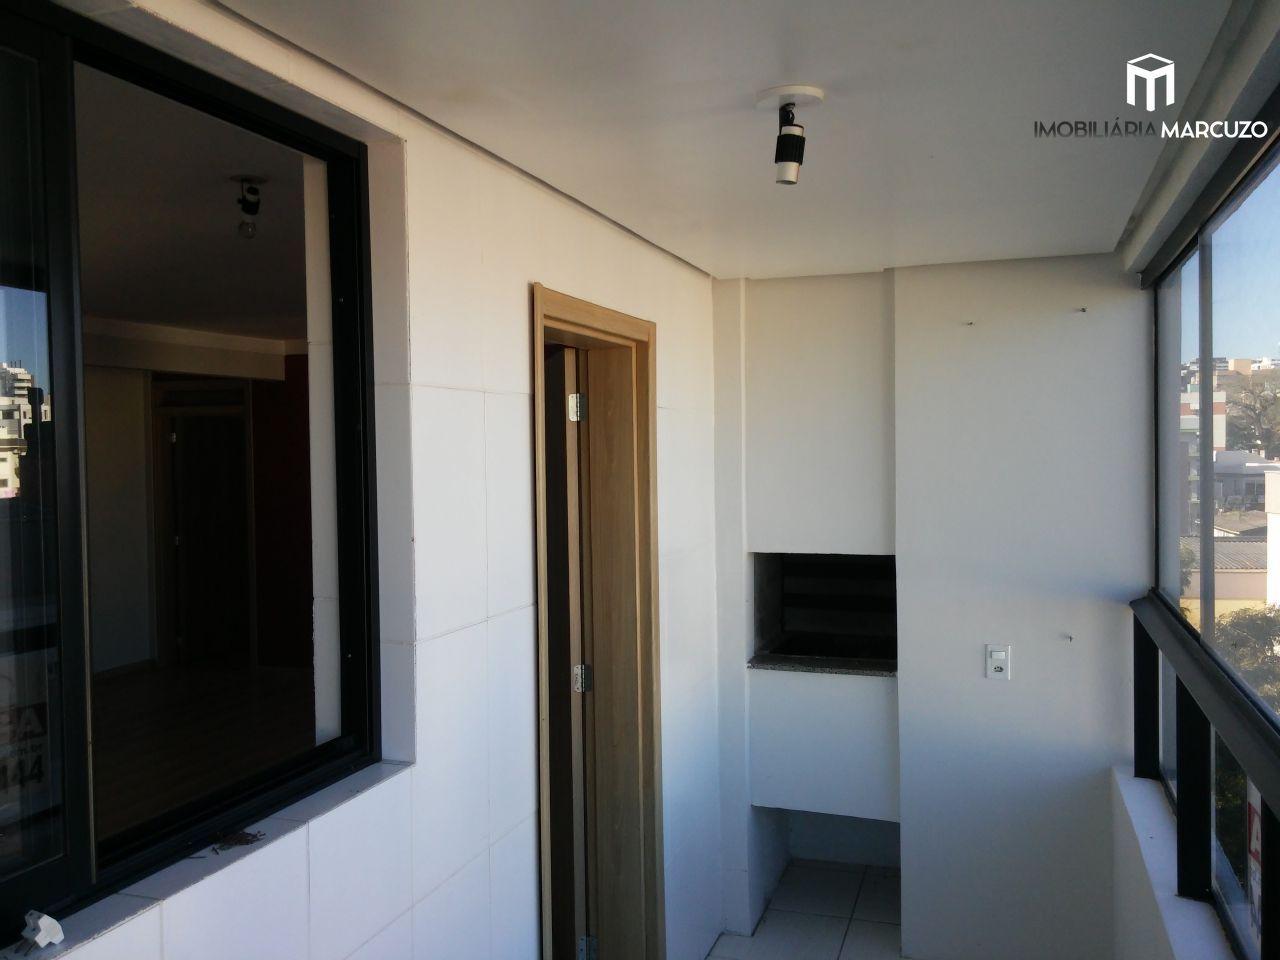 Apartamento com 3 Dormitórios à venda, 95 m² por R$ 450.000,00